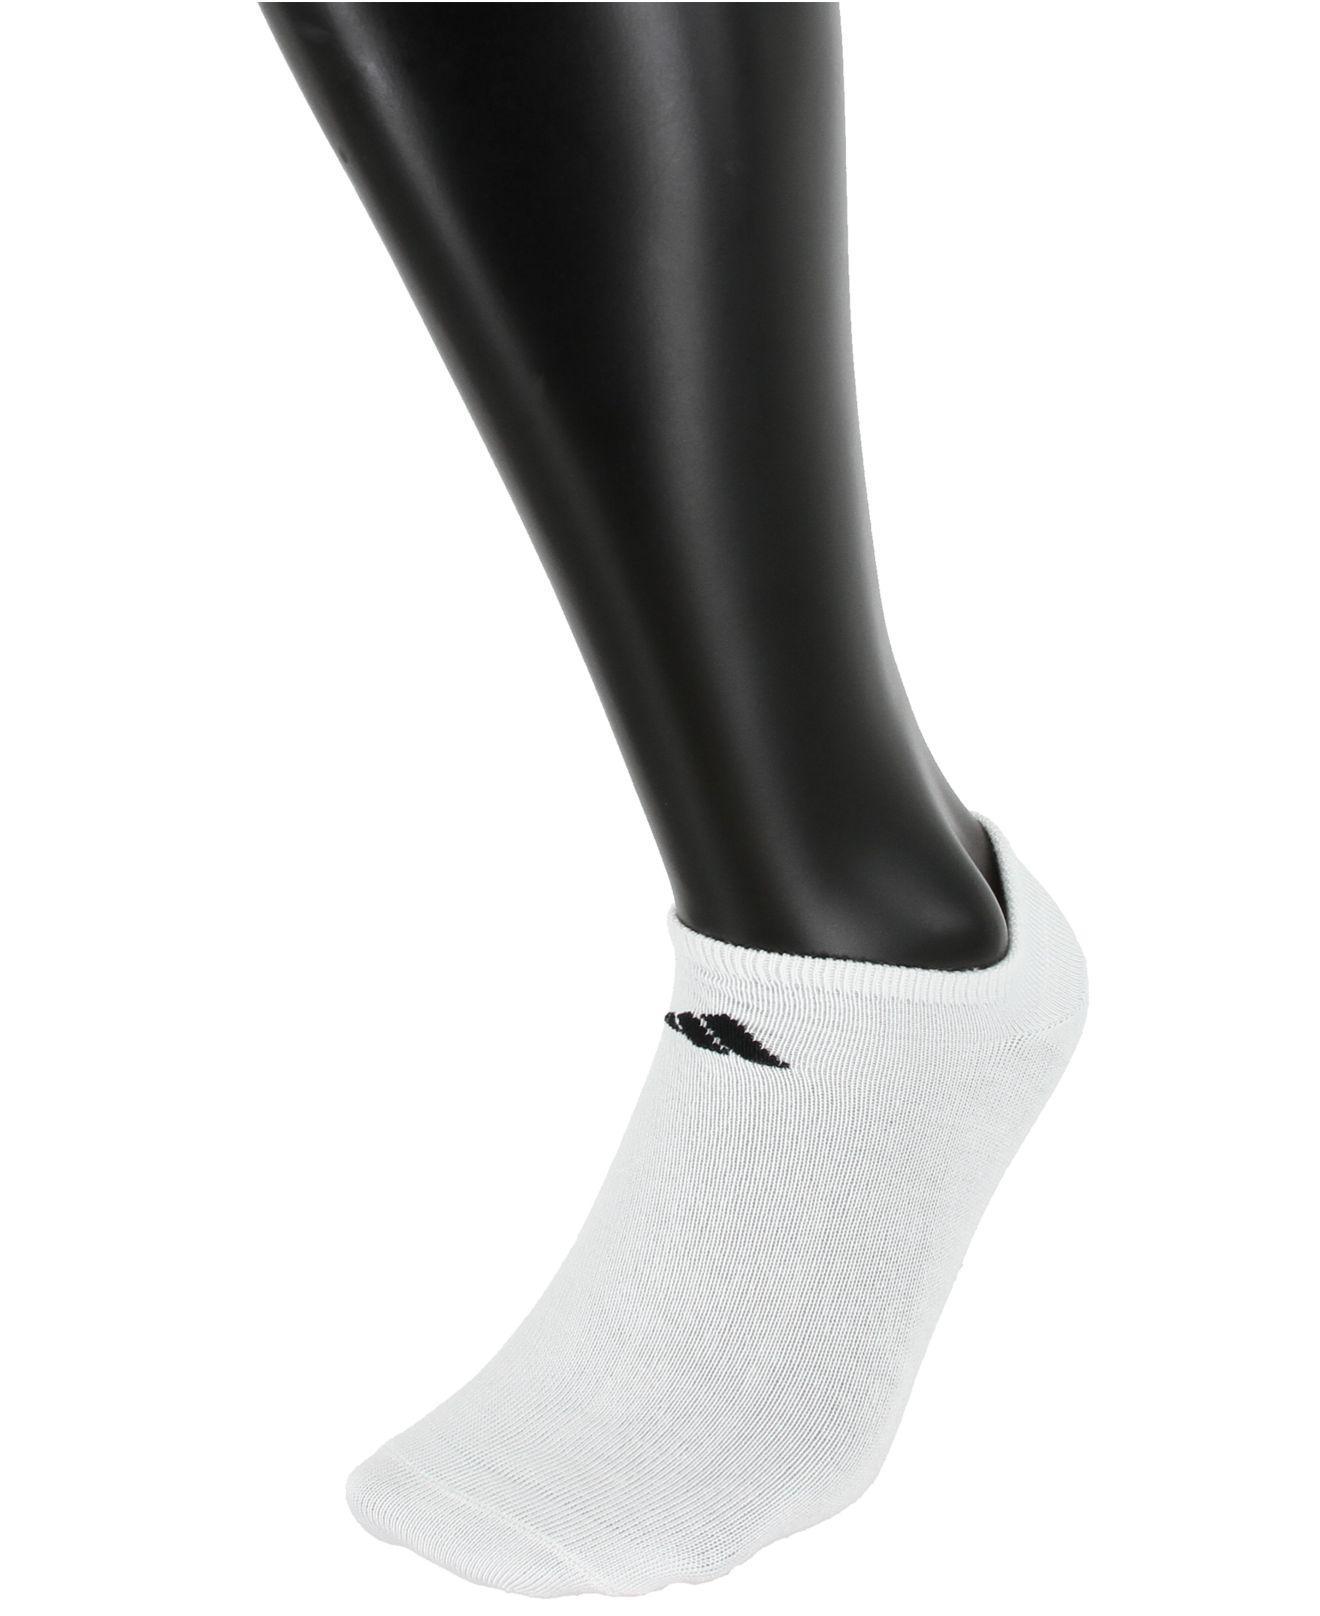 Lyst Adidas hombre 's 6 Superlite no show Socks en blanco para los hombres